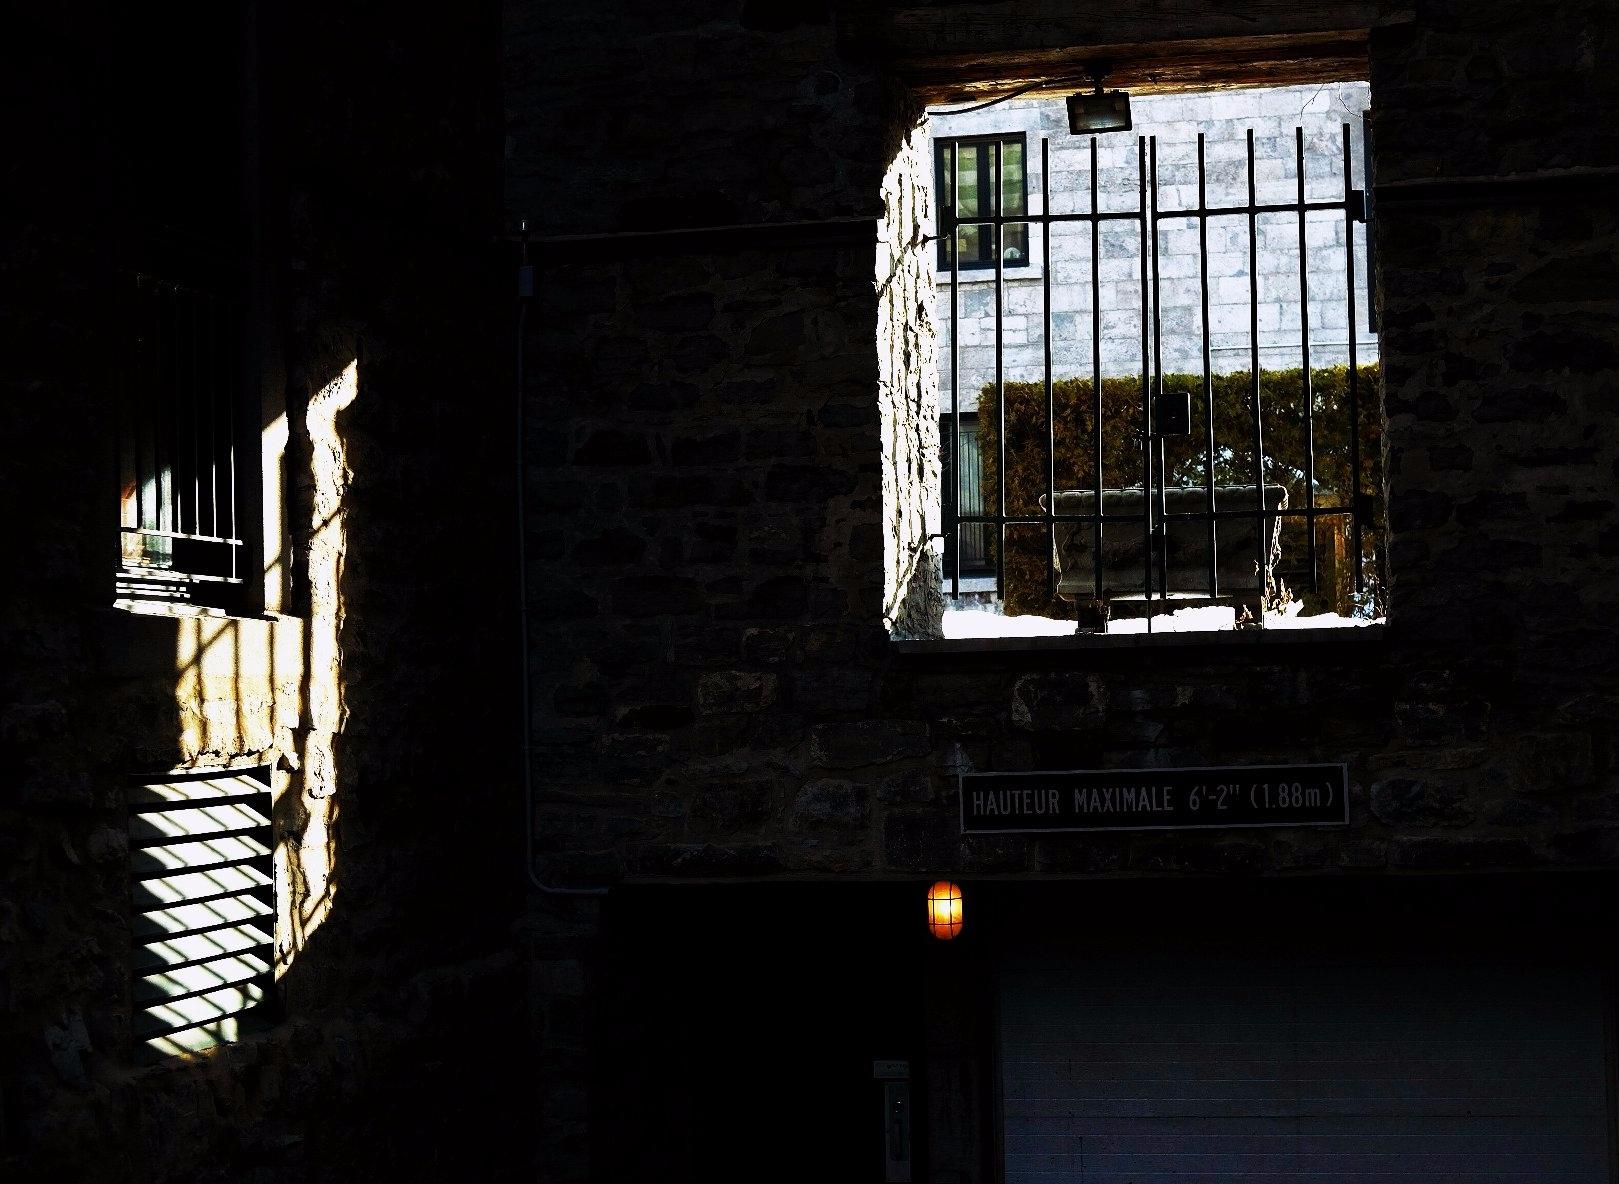 Light bench - light, shadow, constrast - maximemartin | ello